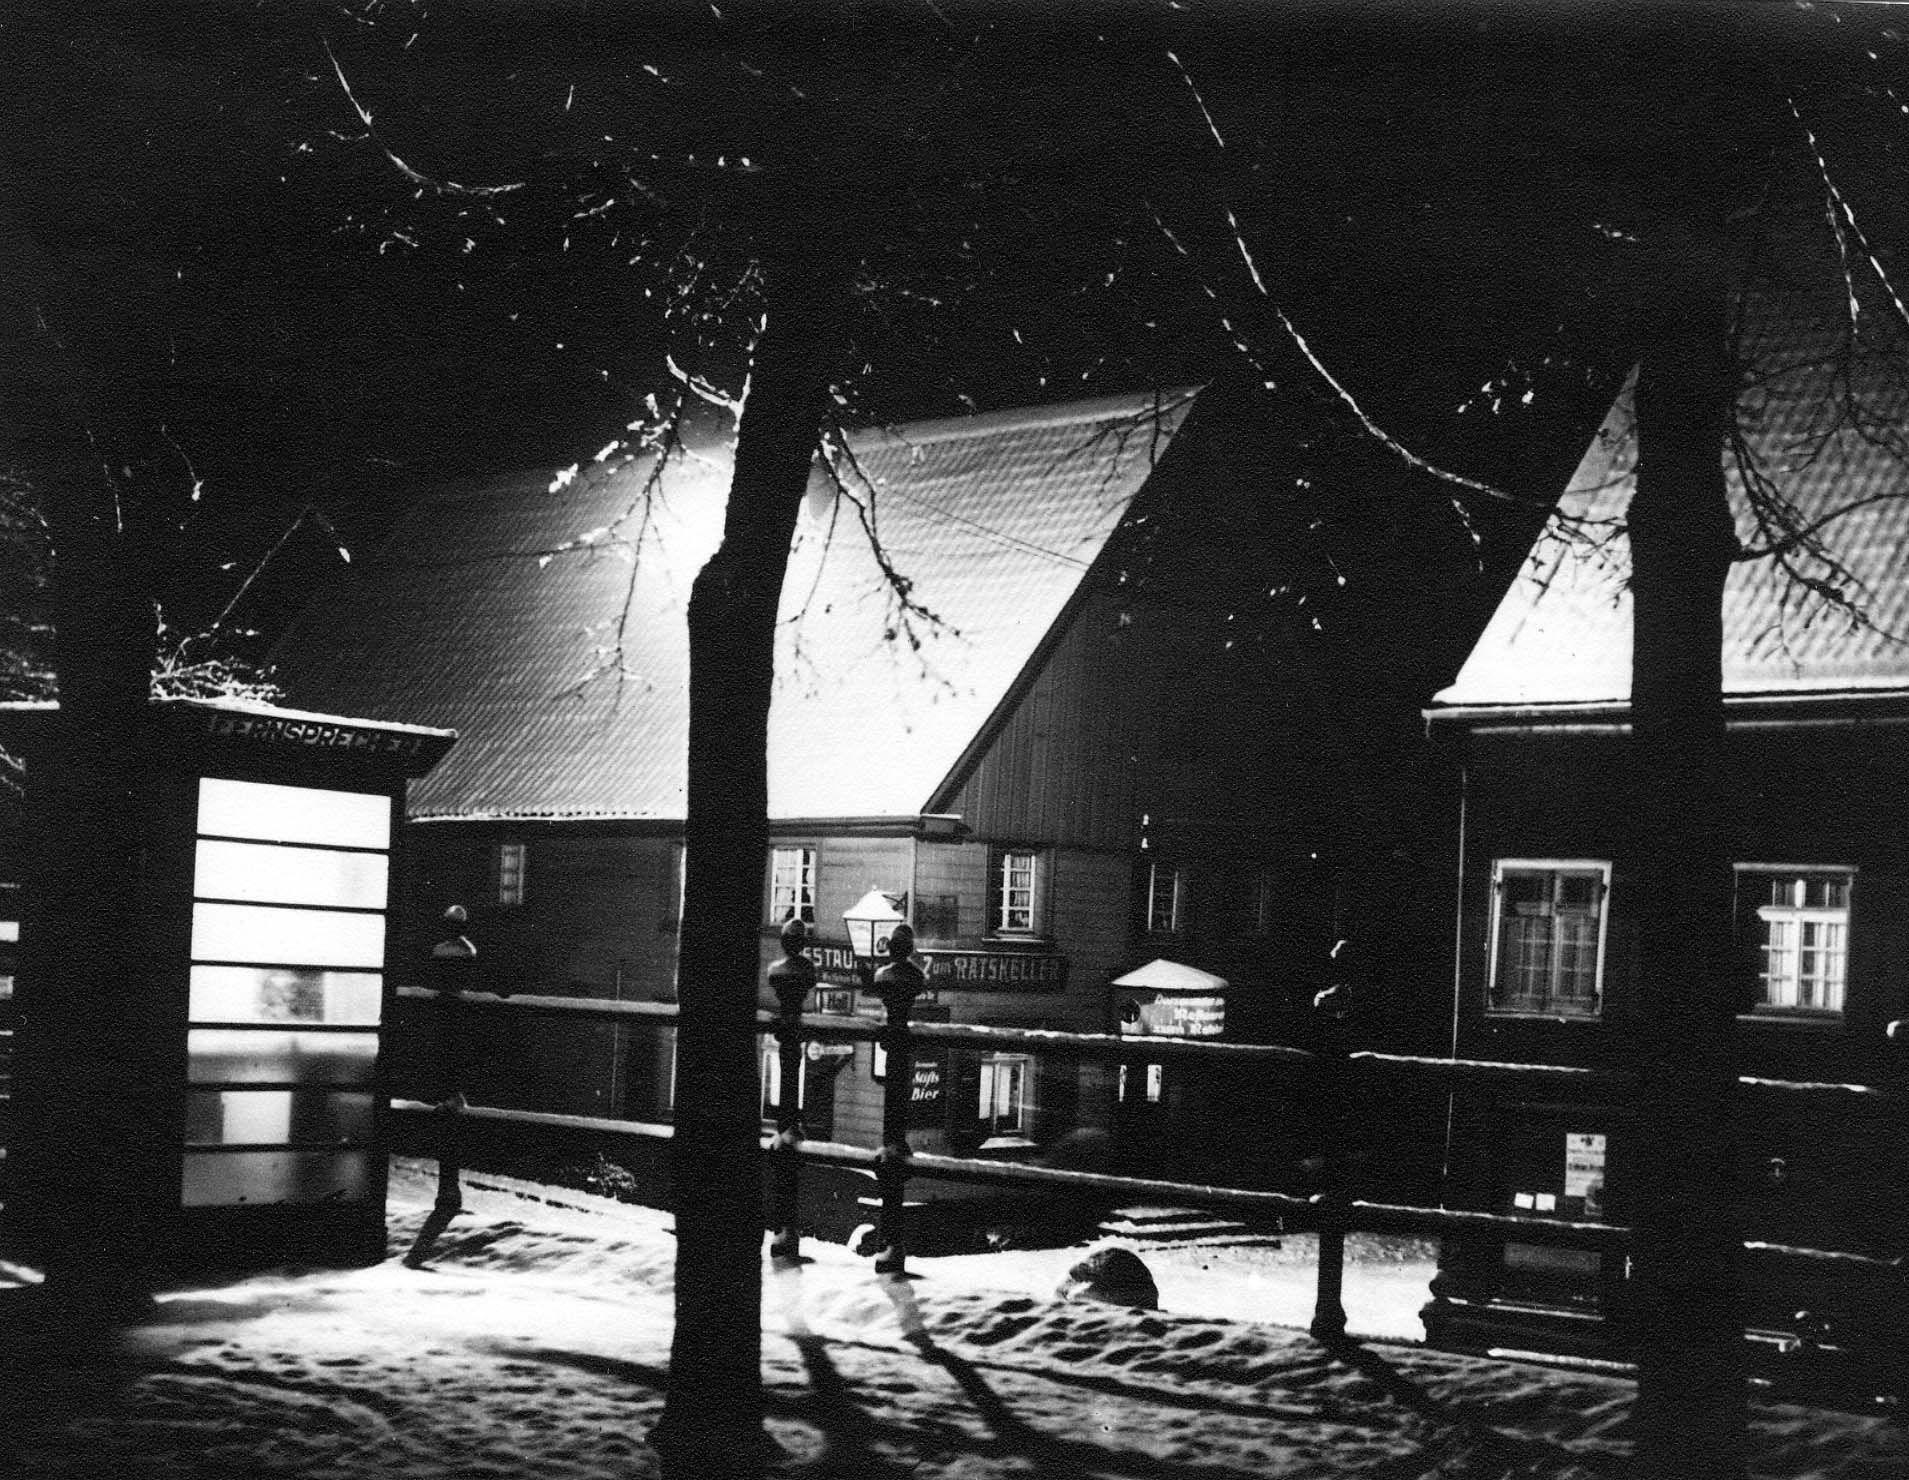 Ratskeller, Herdecke Westfalen, 30er Jahre Historische